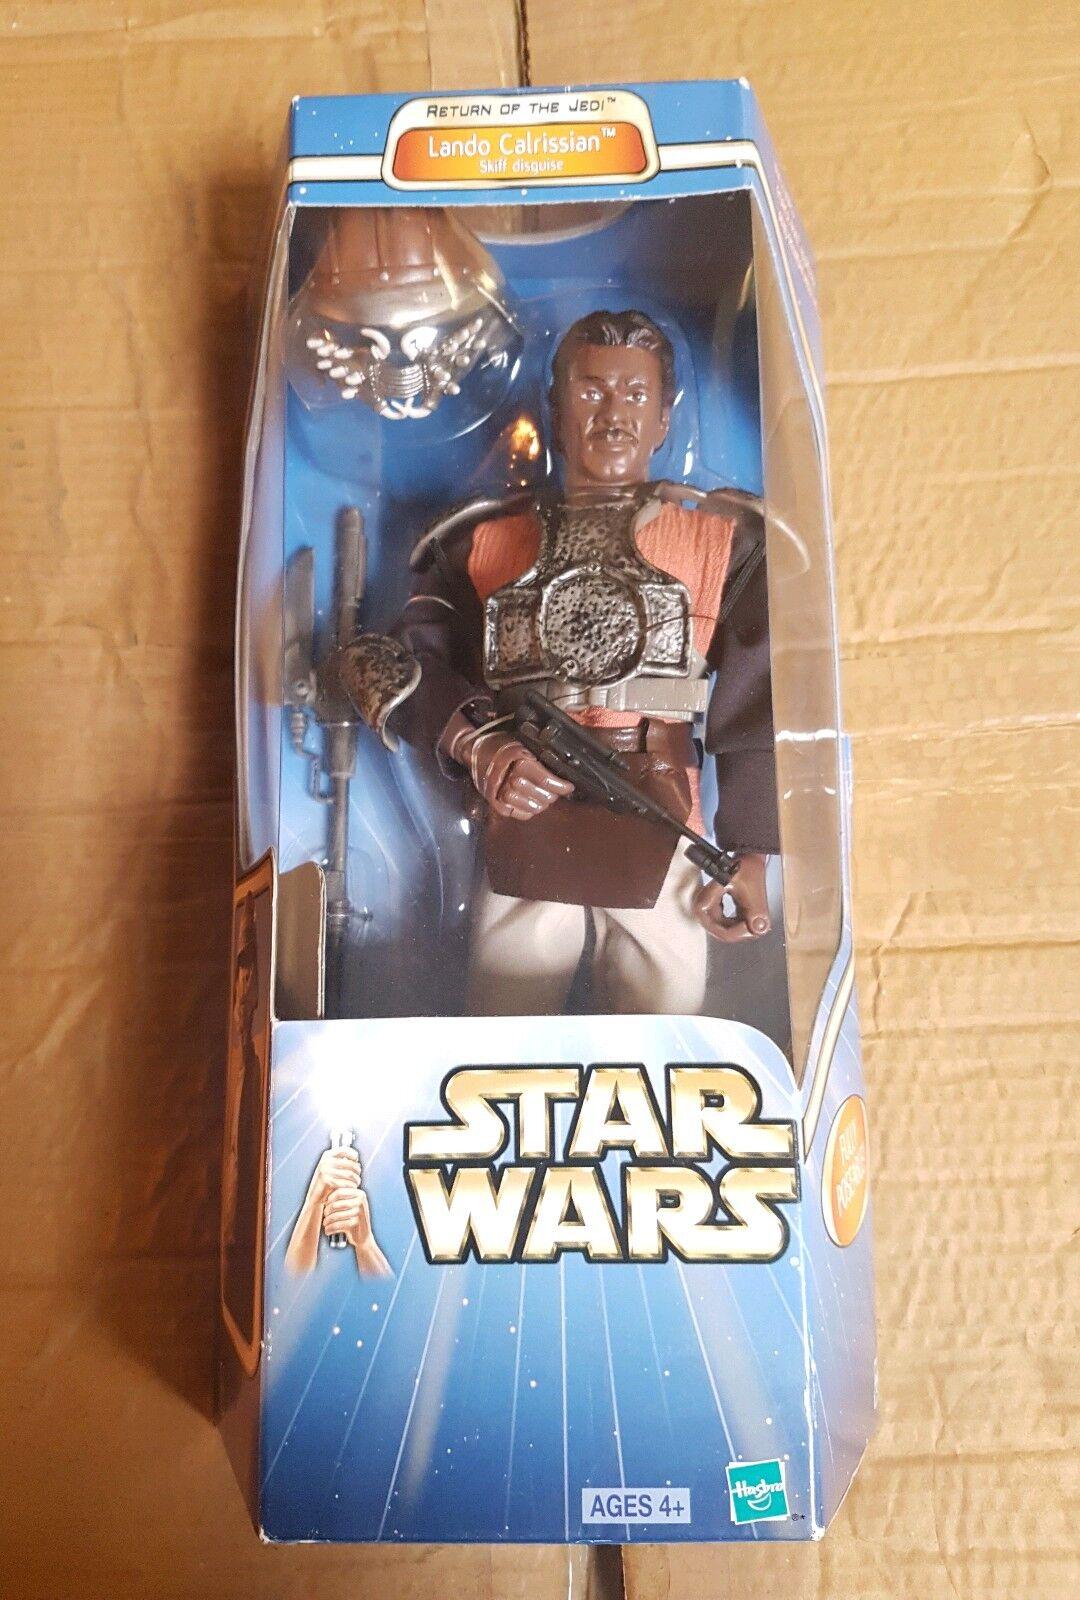 1 6 scale Star Wars VI Return of the Jedi Lando Calrissian Skiff Guard12 inch